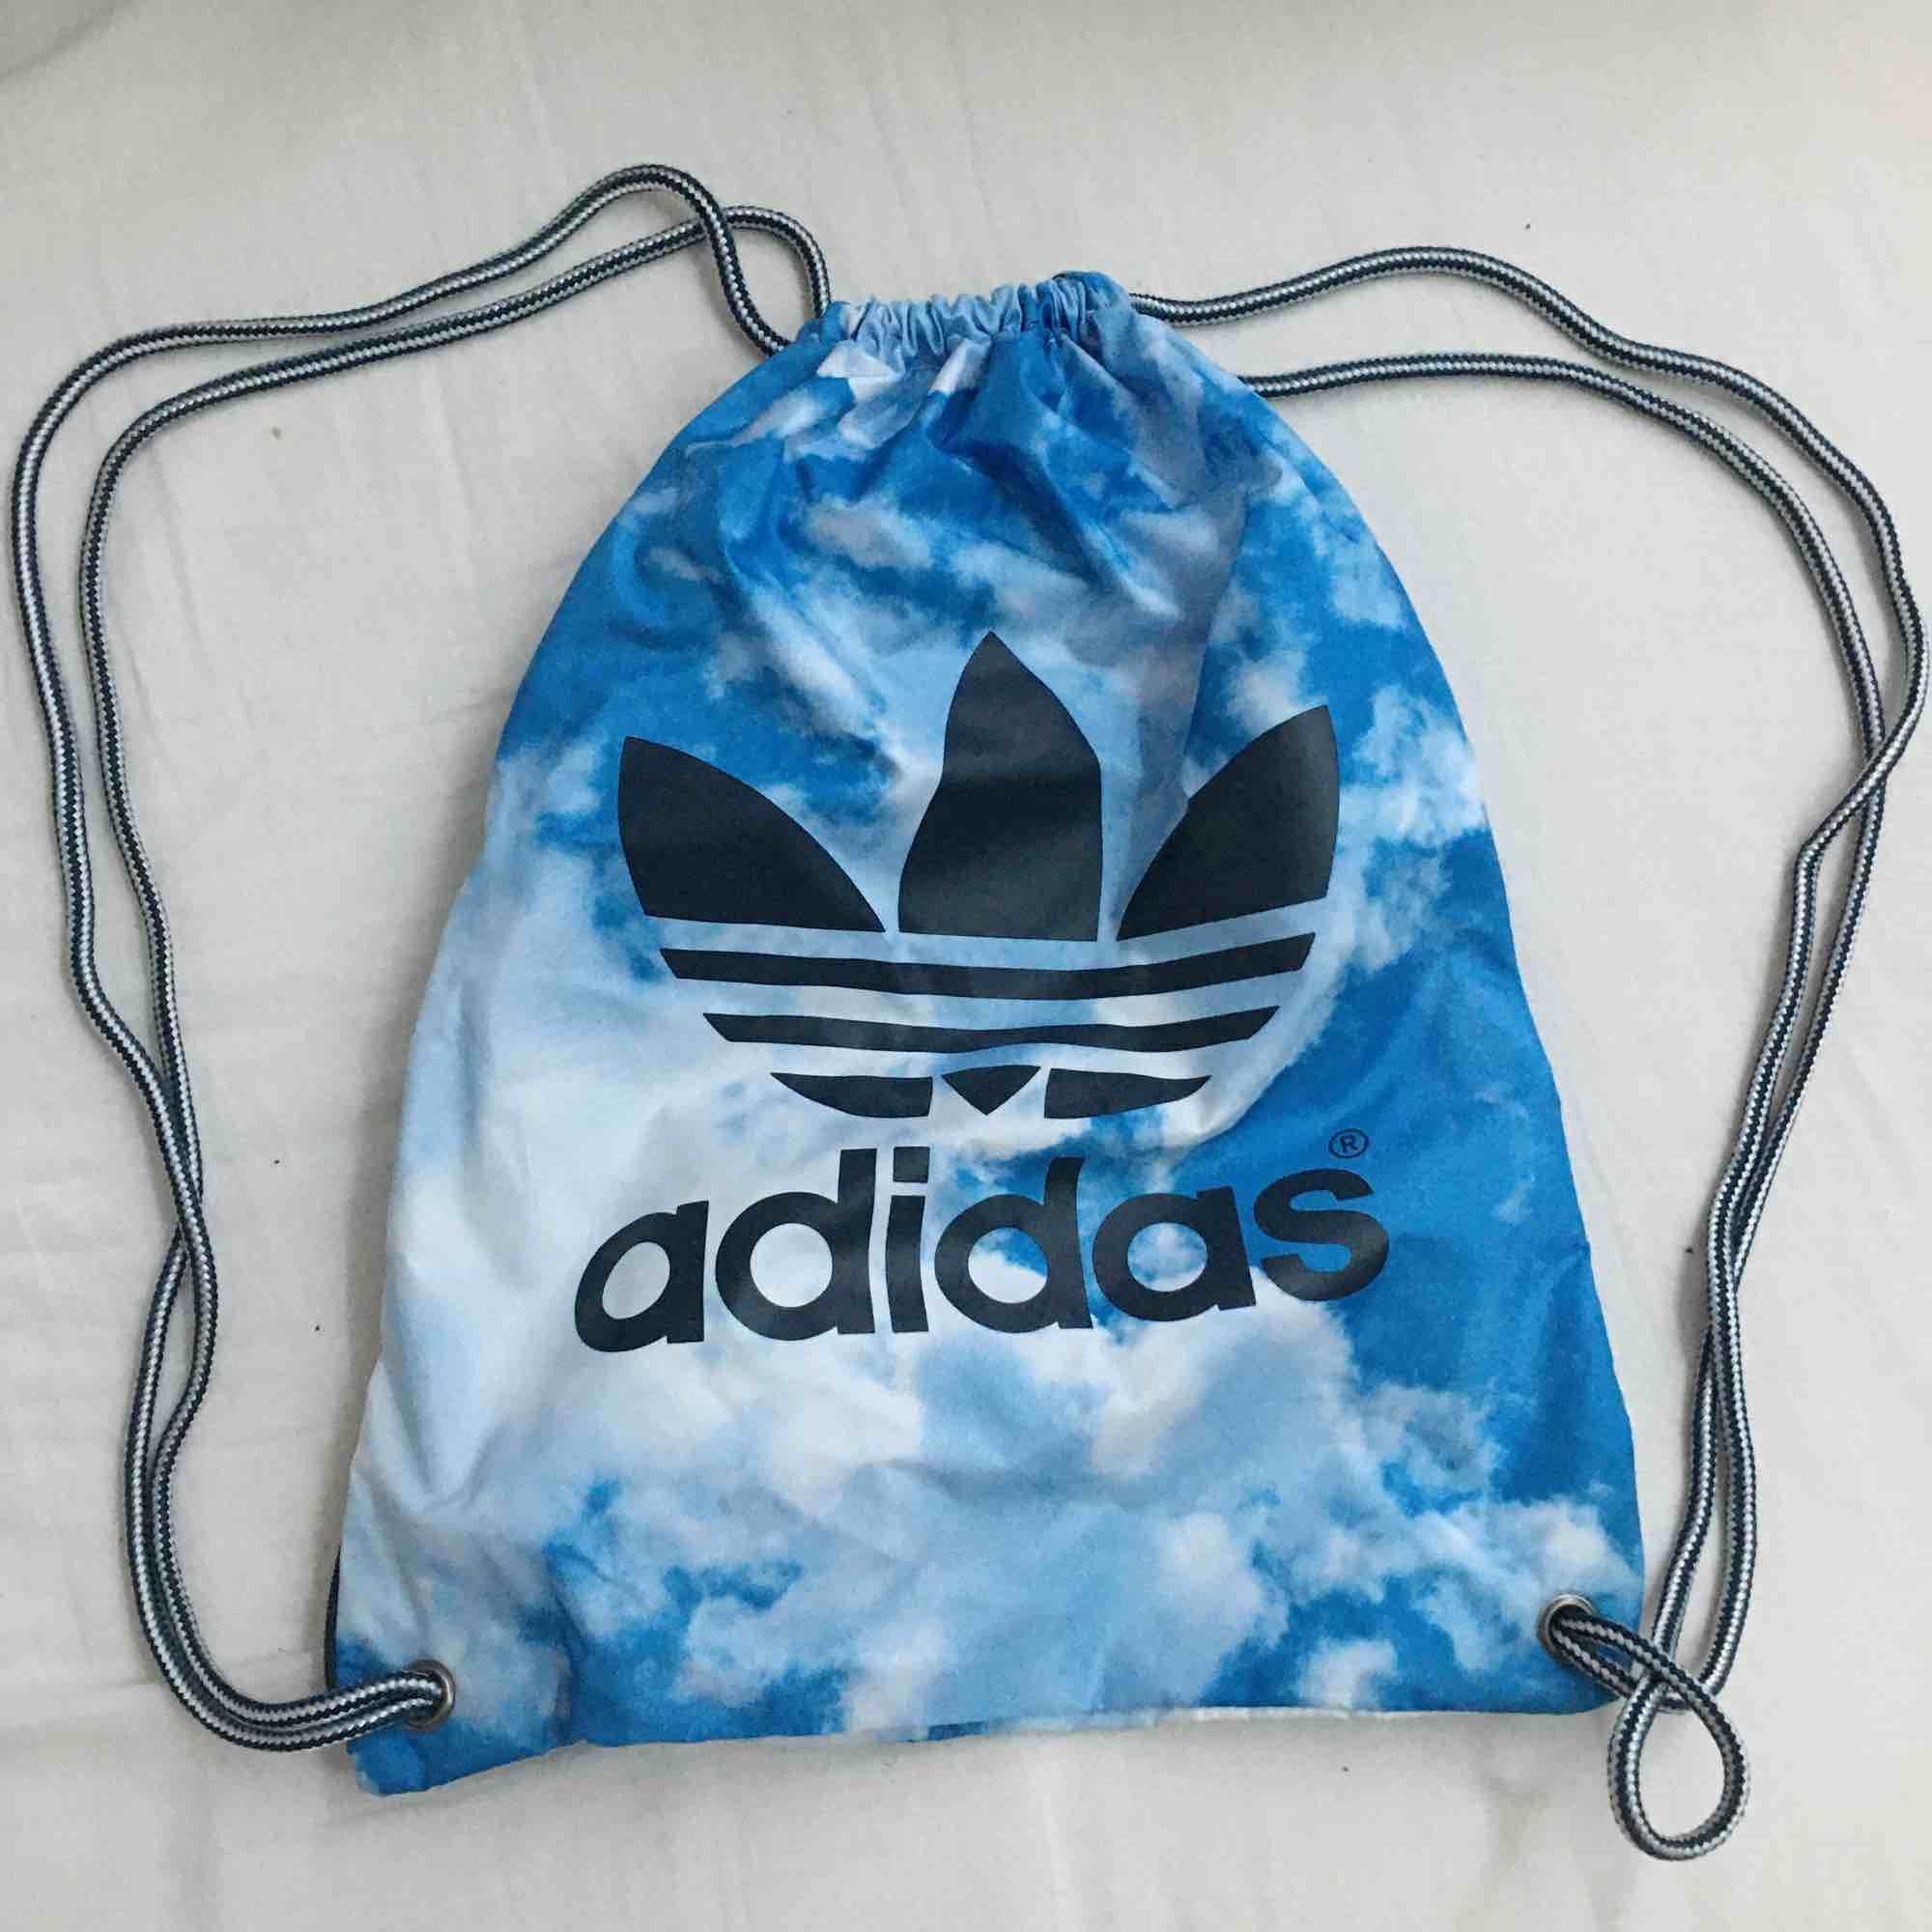 Adidas originals gympåse! jättebra skick, näst intill oanvänd.. Väskor.